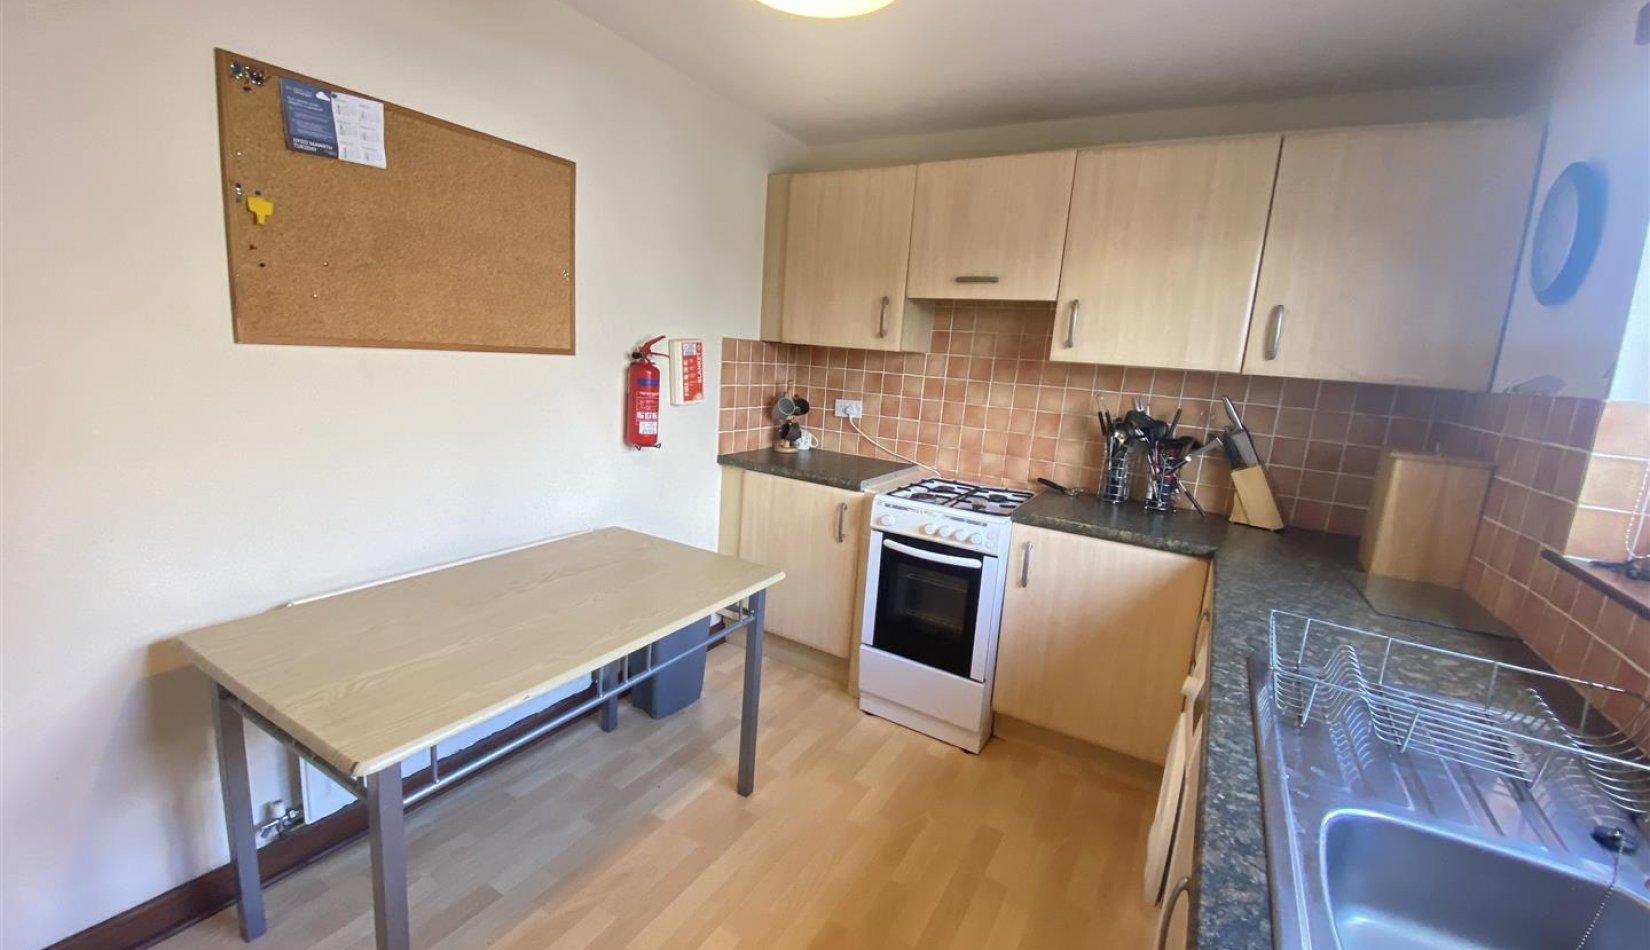 15 gg kitchen pic 2.jpg